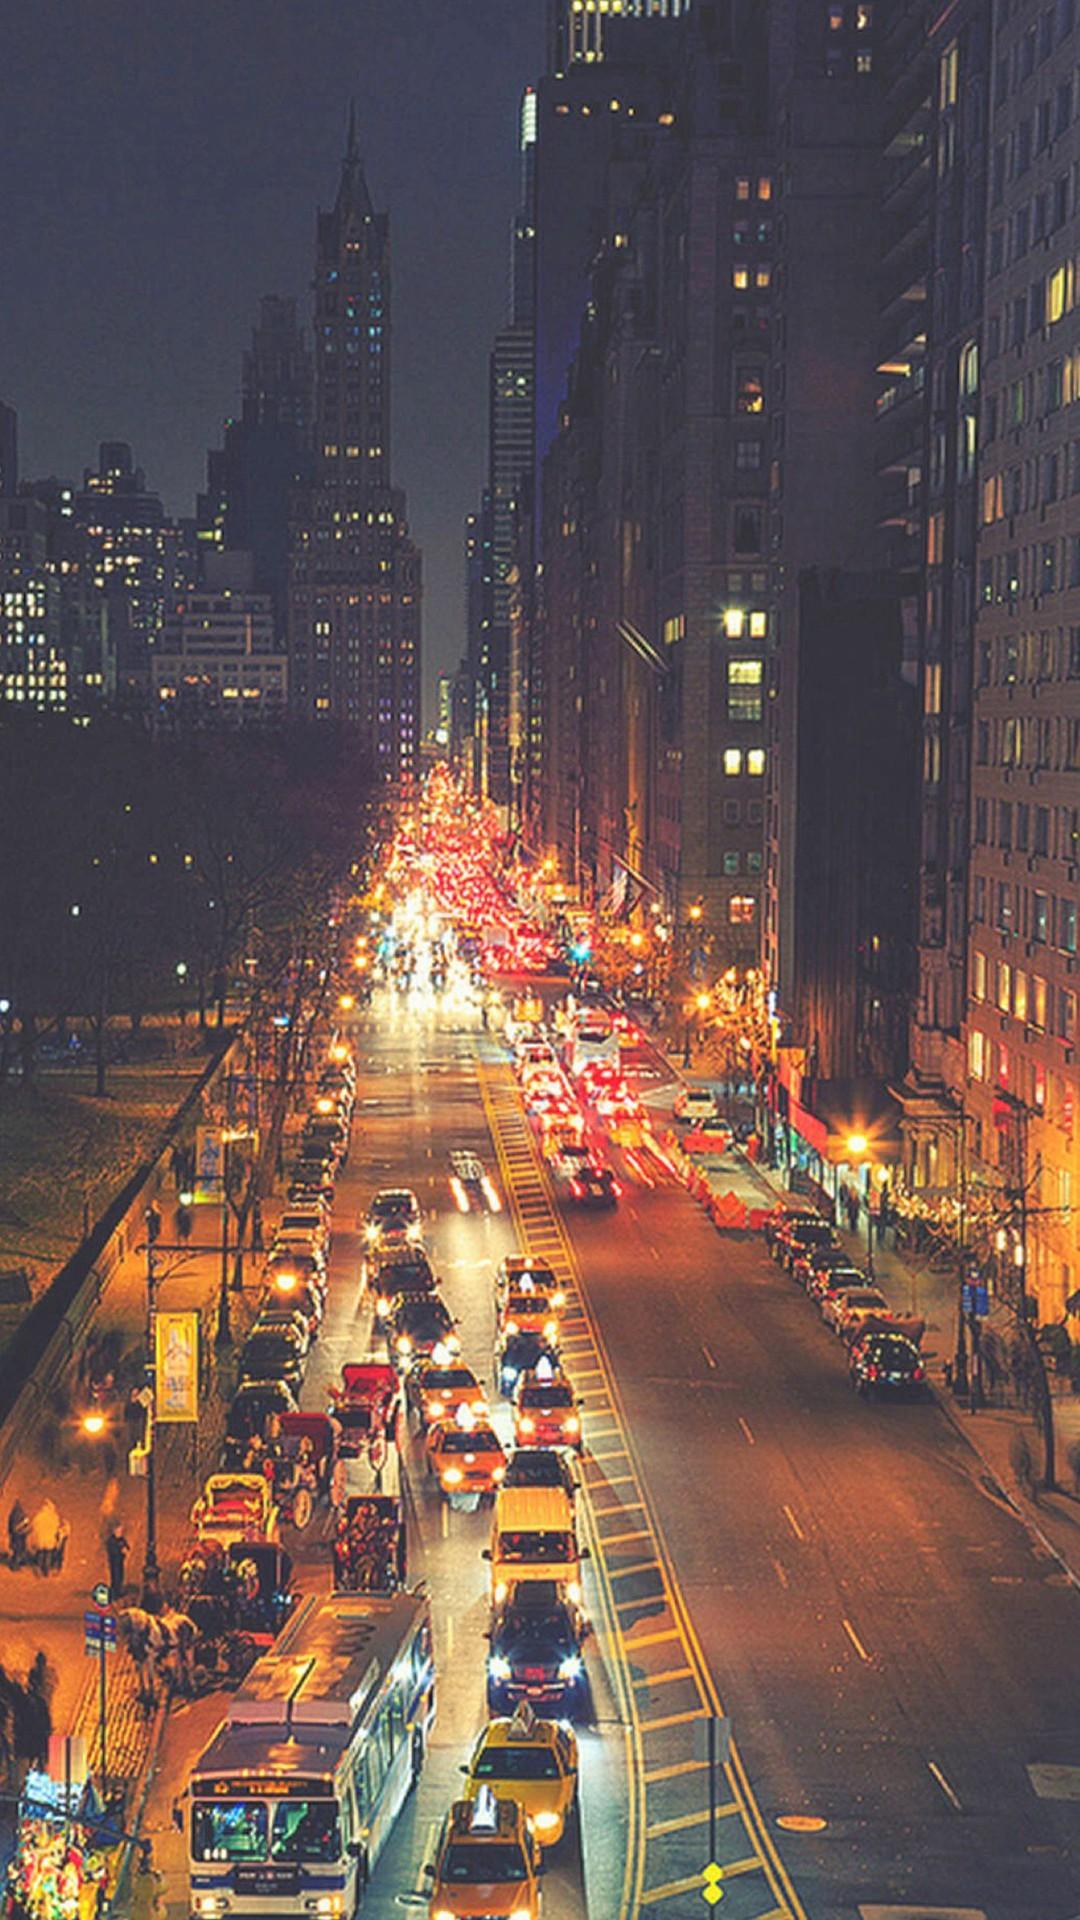 New York Scenes Wallpaper 64 Images